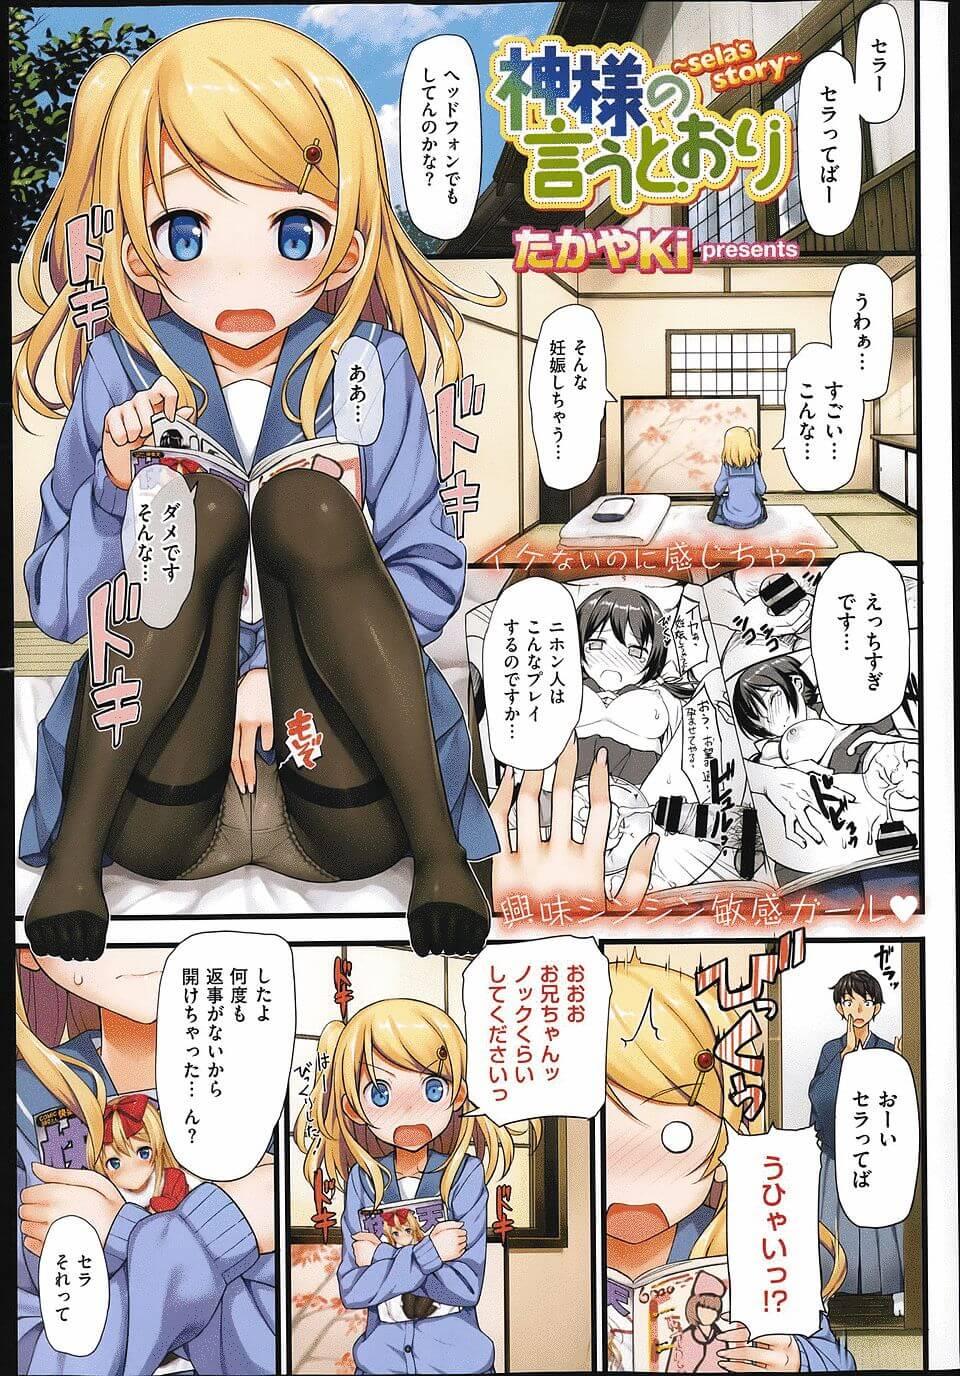 【エロ漫画】セラはエロ本を読んでいると兄が入って来て謝るがお仕置きされてしまうwwwwww【無料 エロ同人】